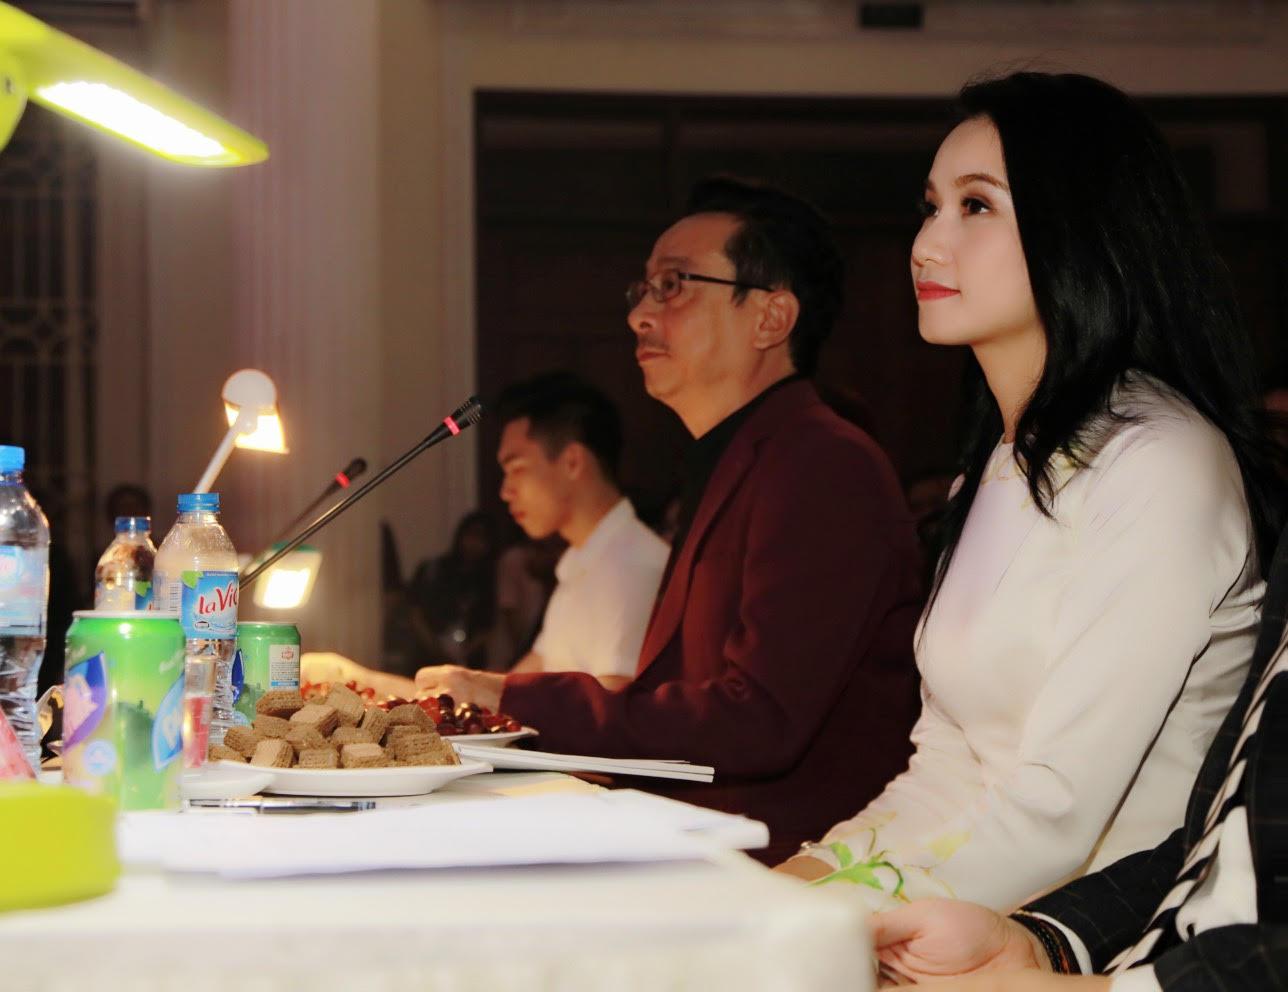 Lương Giang sánh bước cùng 'ông trùm' Hoàng Dũng tại đêm hội sinh viên